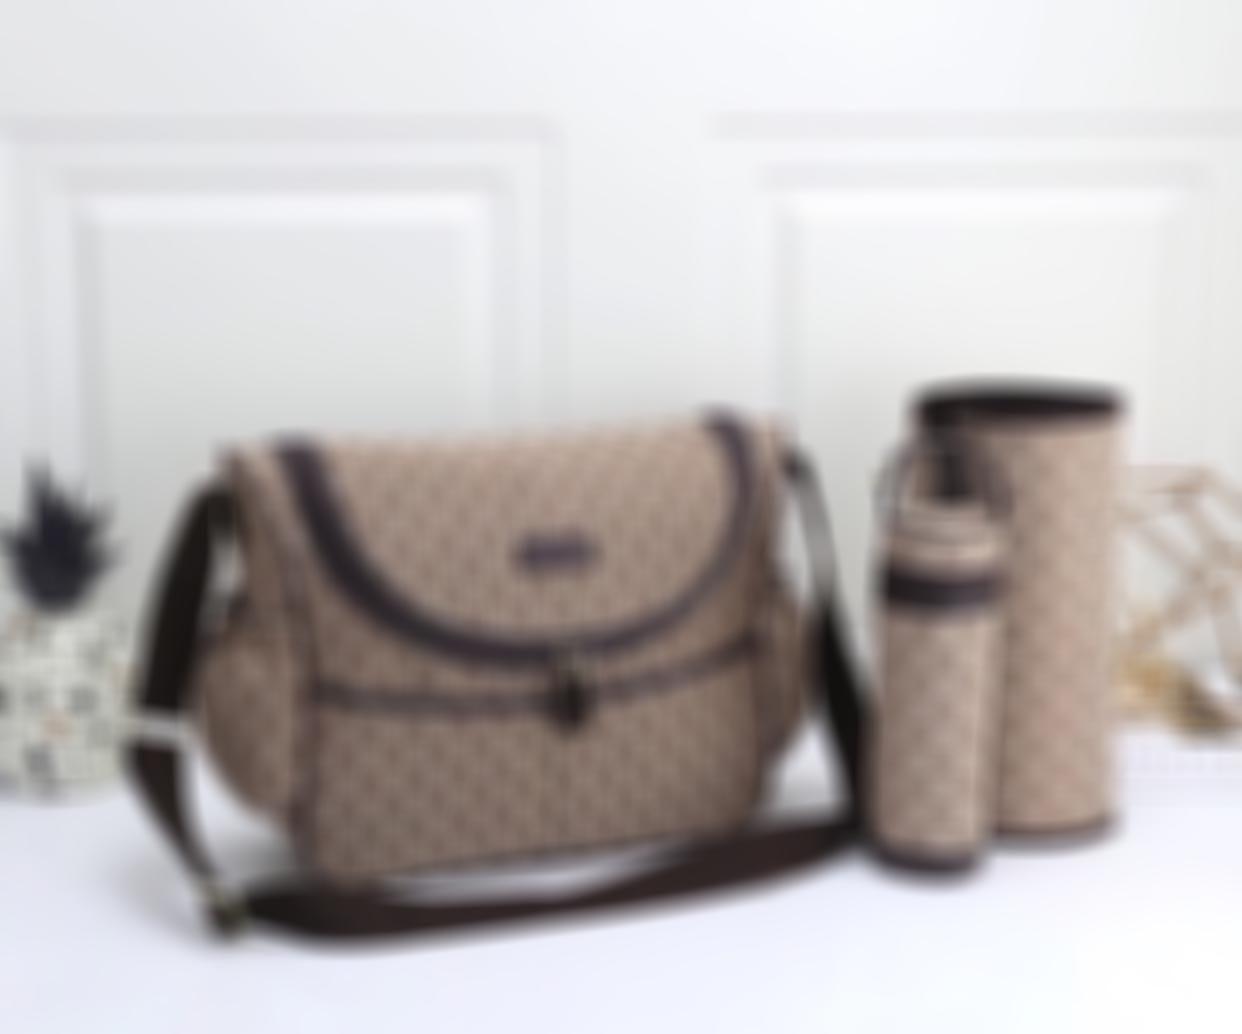 Детский подгузник в дизайнерской печати Высококачественный дизайнерский подгузник Сумка для продажи Функциональная дизайнерская сумка для дизайнерских идей для мумии